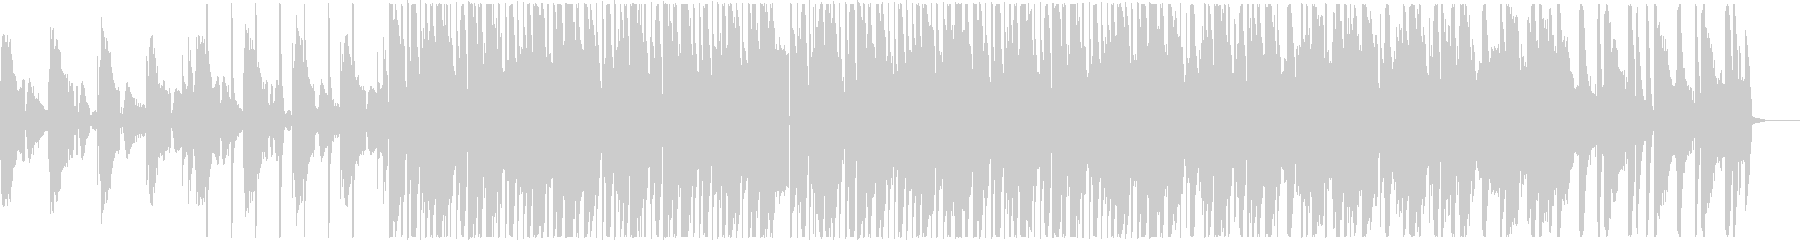 ノリの良いLo-Fiビートの未再生の波形